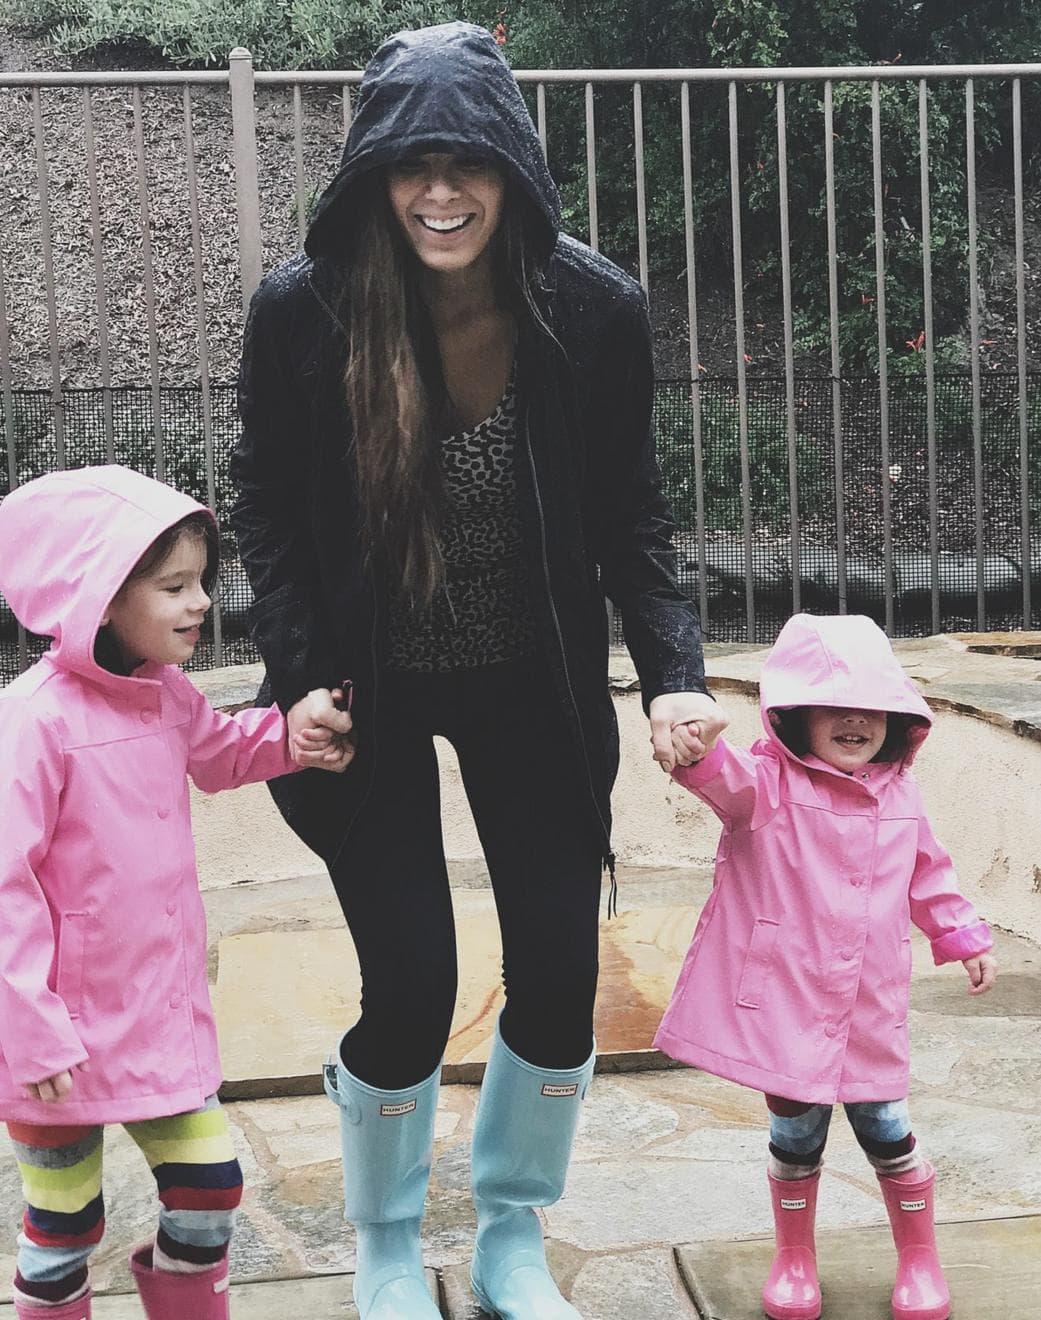 splashing in the rain with my girls